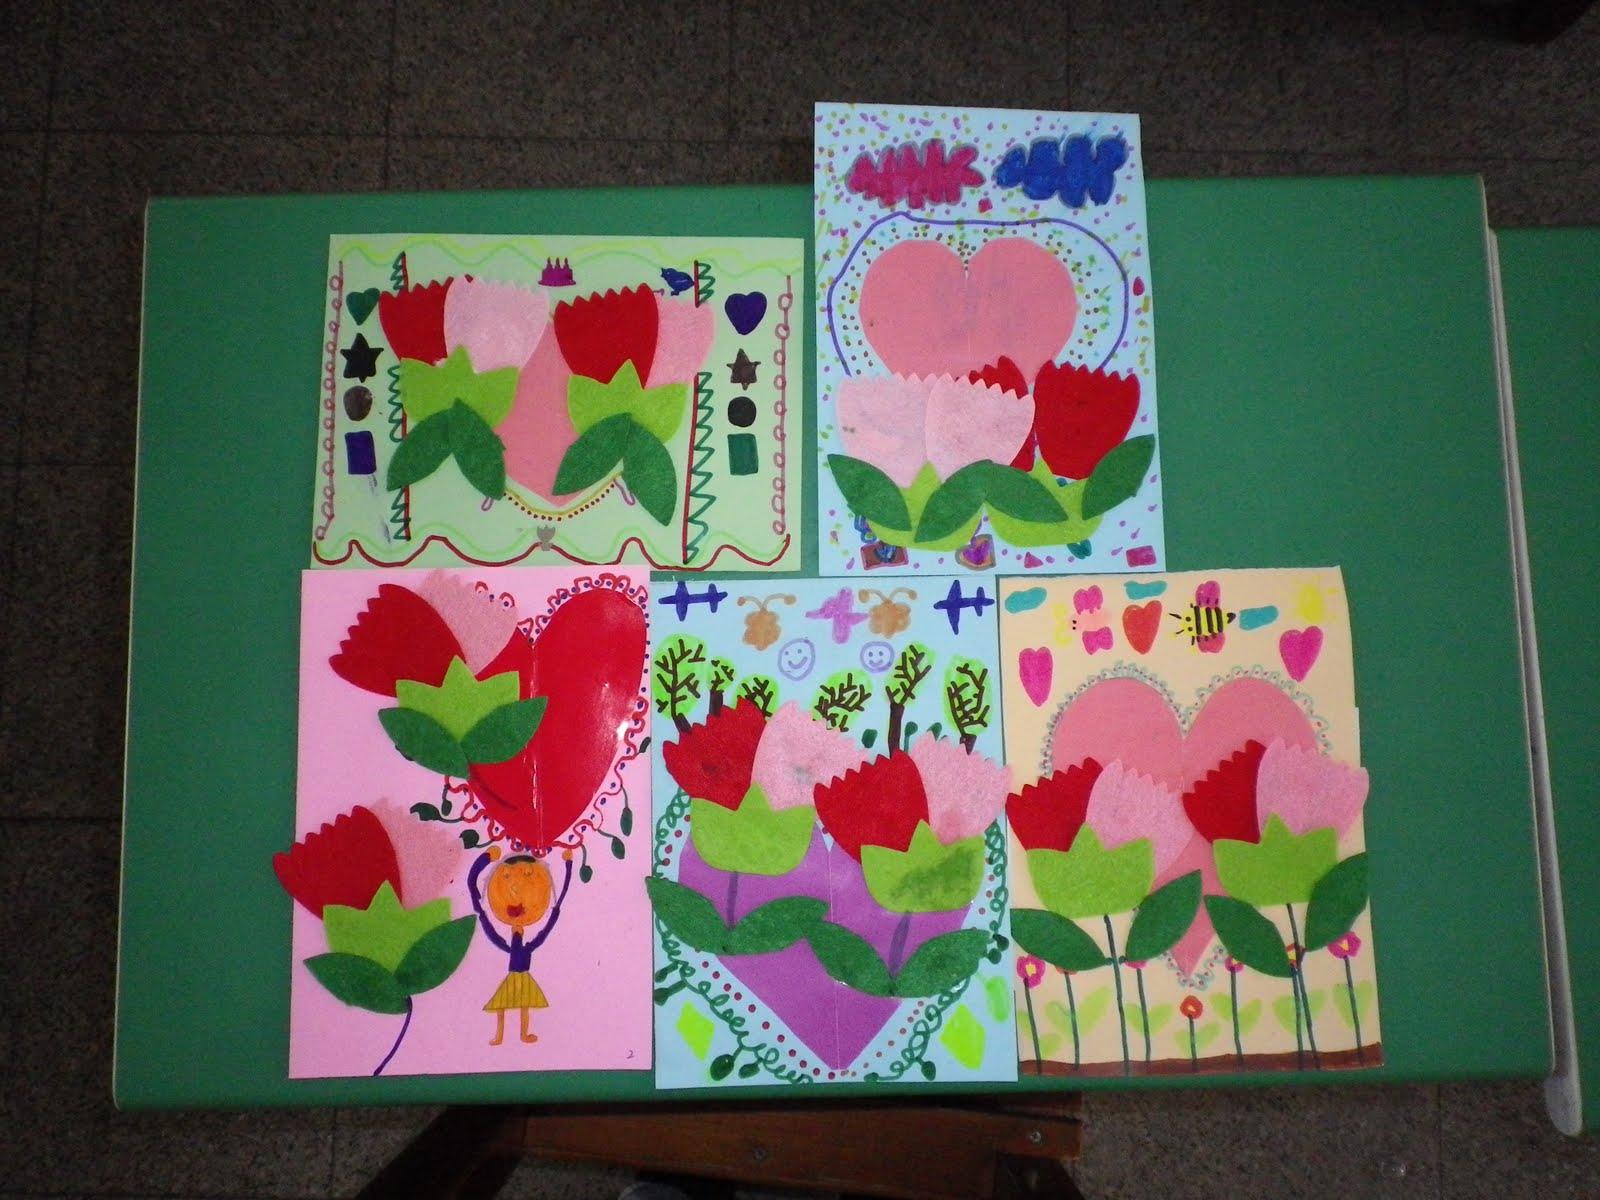 純玉老師的班: 美勞作品展示─母親節卡片製作